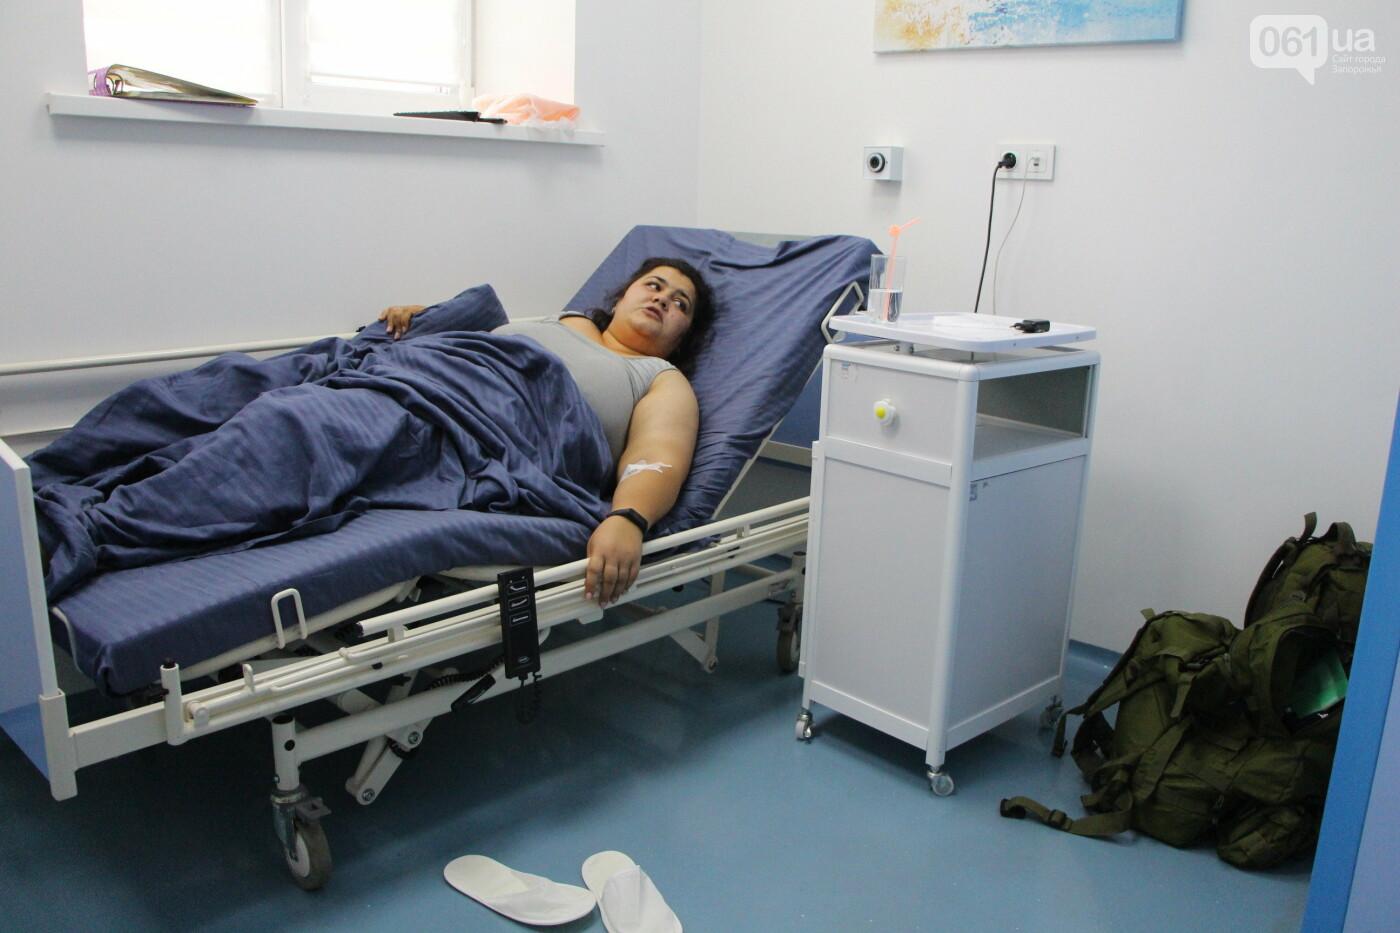 Похудеть на 40 кг, вернуться в украинскую армию и прыгнуть с парашютом: как Галине с Донбасса помогают исполнить мечту в запорожской клинике, фото-4